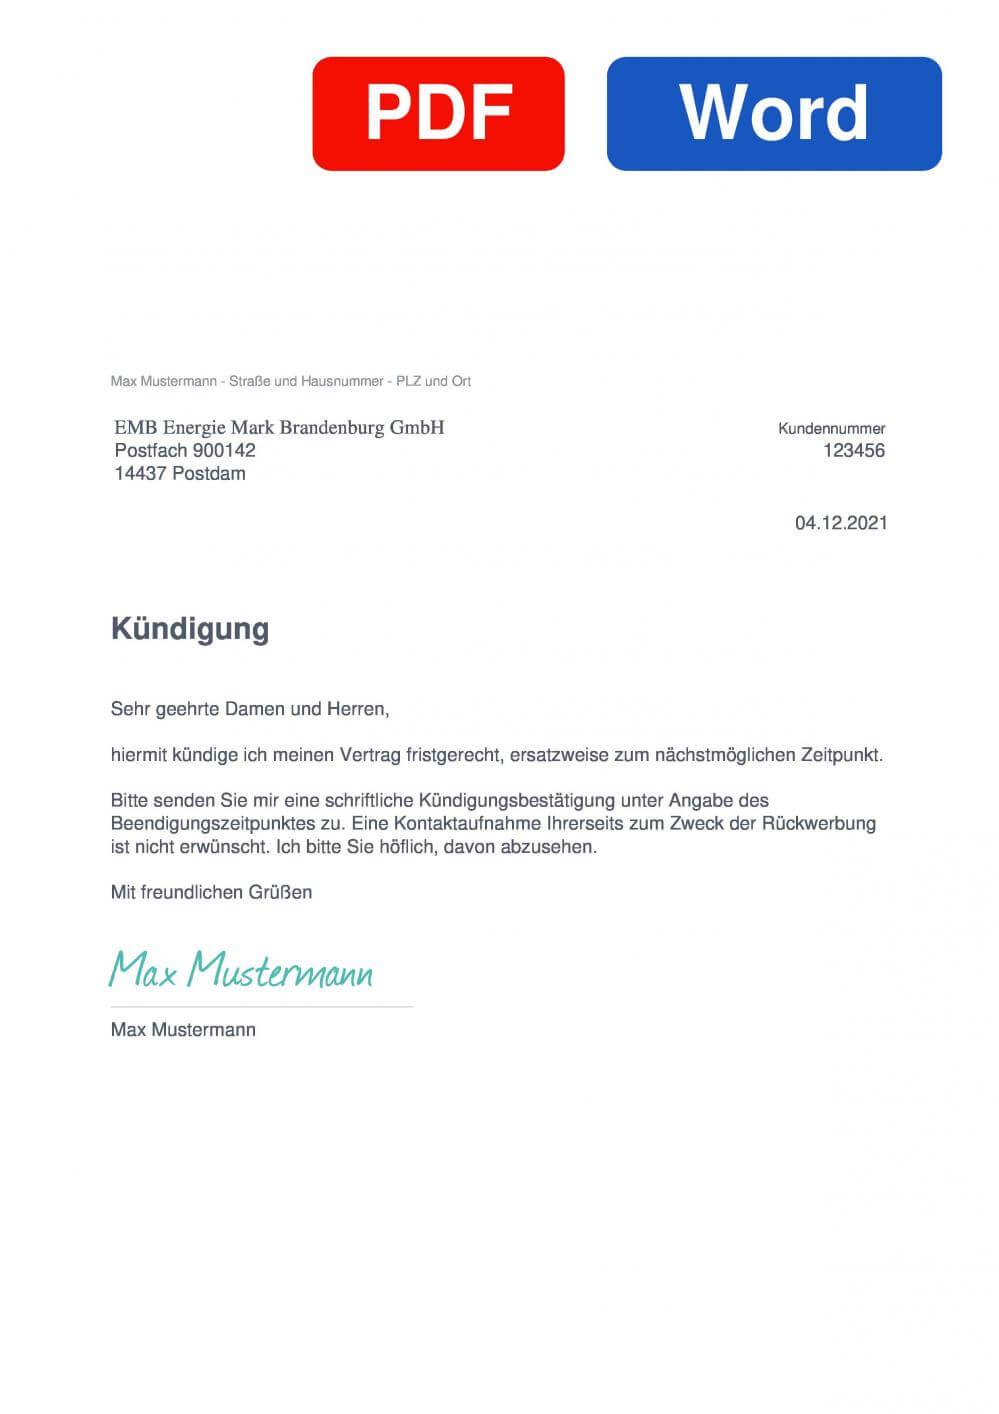 EMB Erdgas Mark Brandenburg Muster Vorlage für Kündigungsschreiben